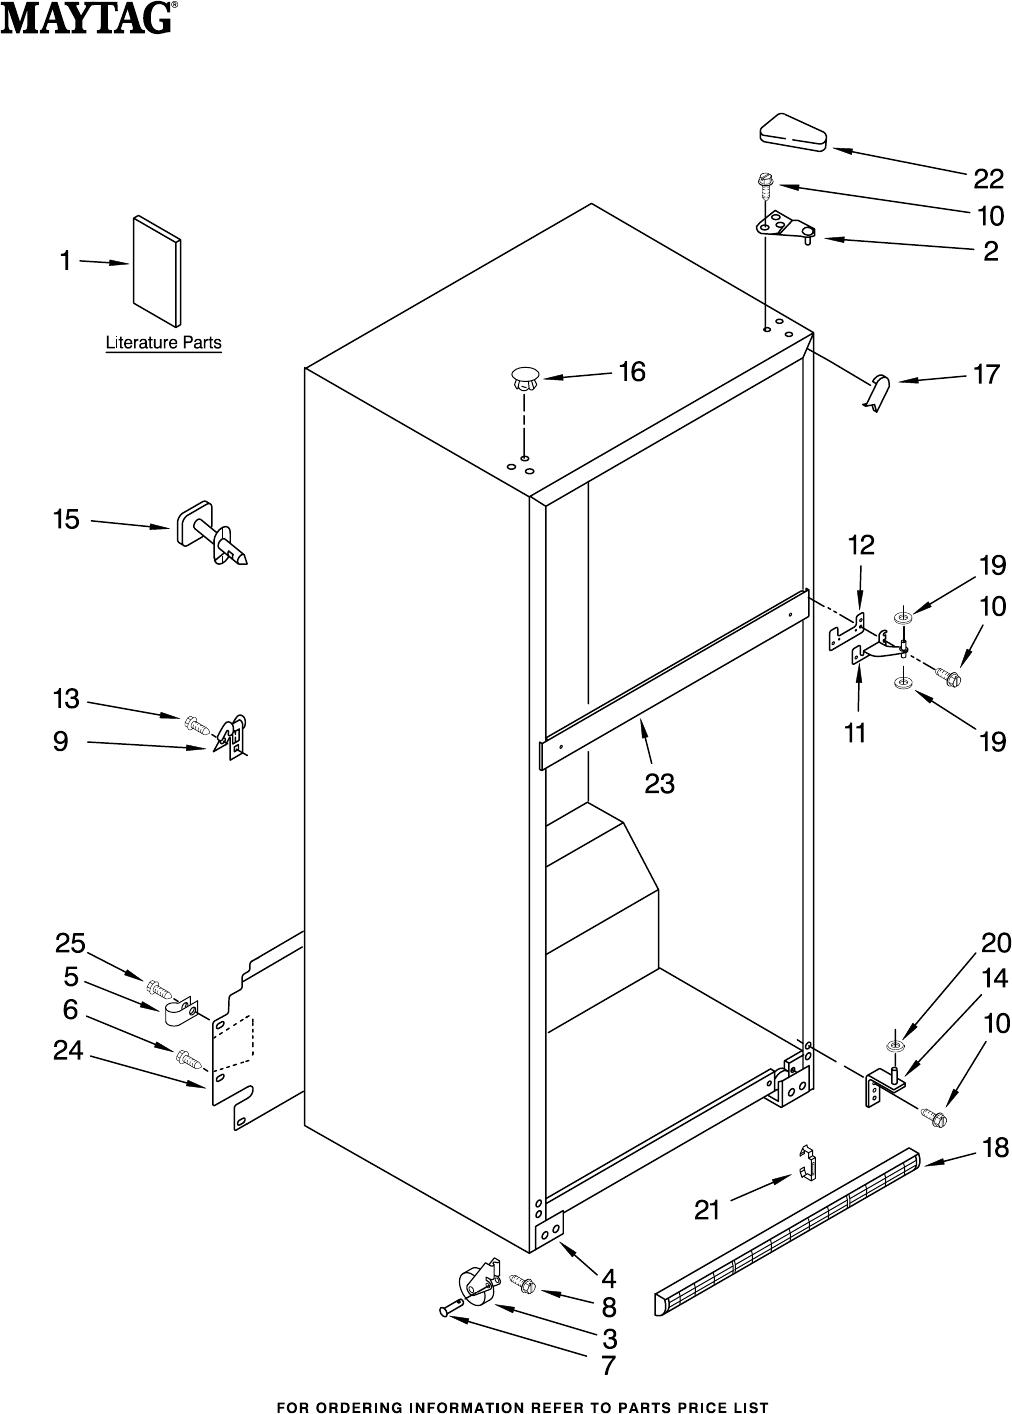 maytag refrigerators repair manual open source user manual u2022 rh dramatic varieties com Maytag Refrigerator Manual MFI2568AES Maytag Refrigerator Wiring Diagram